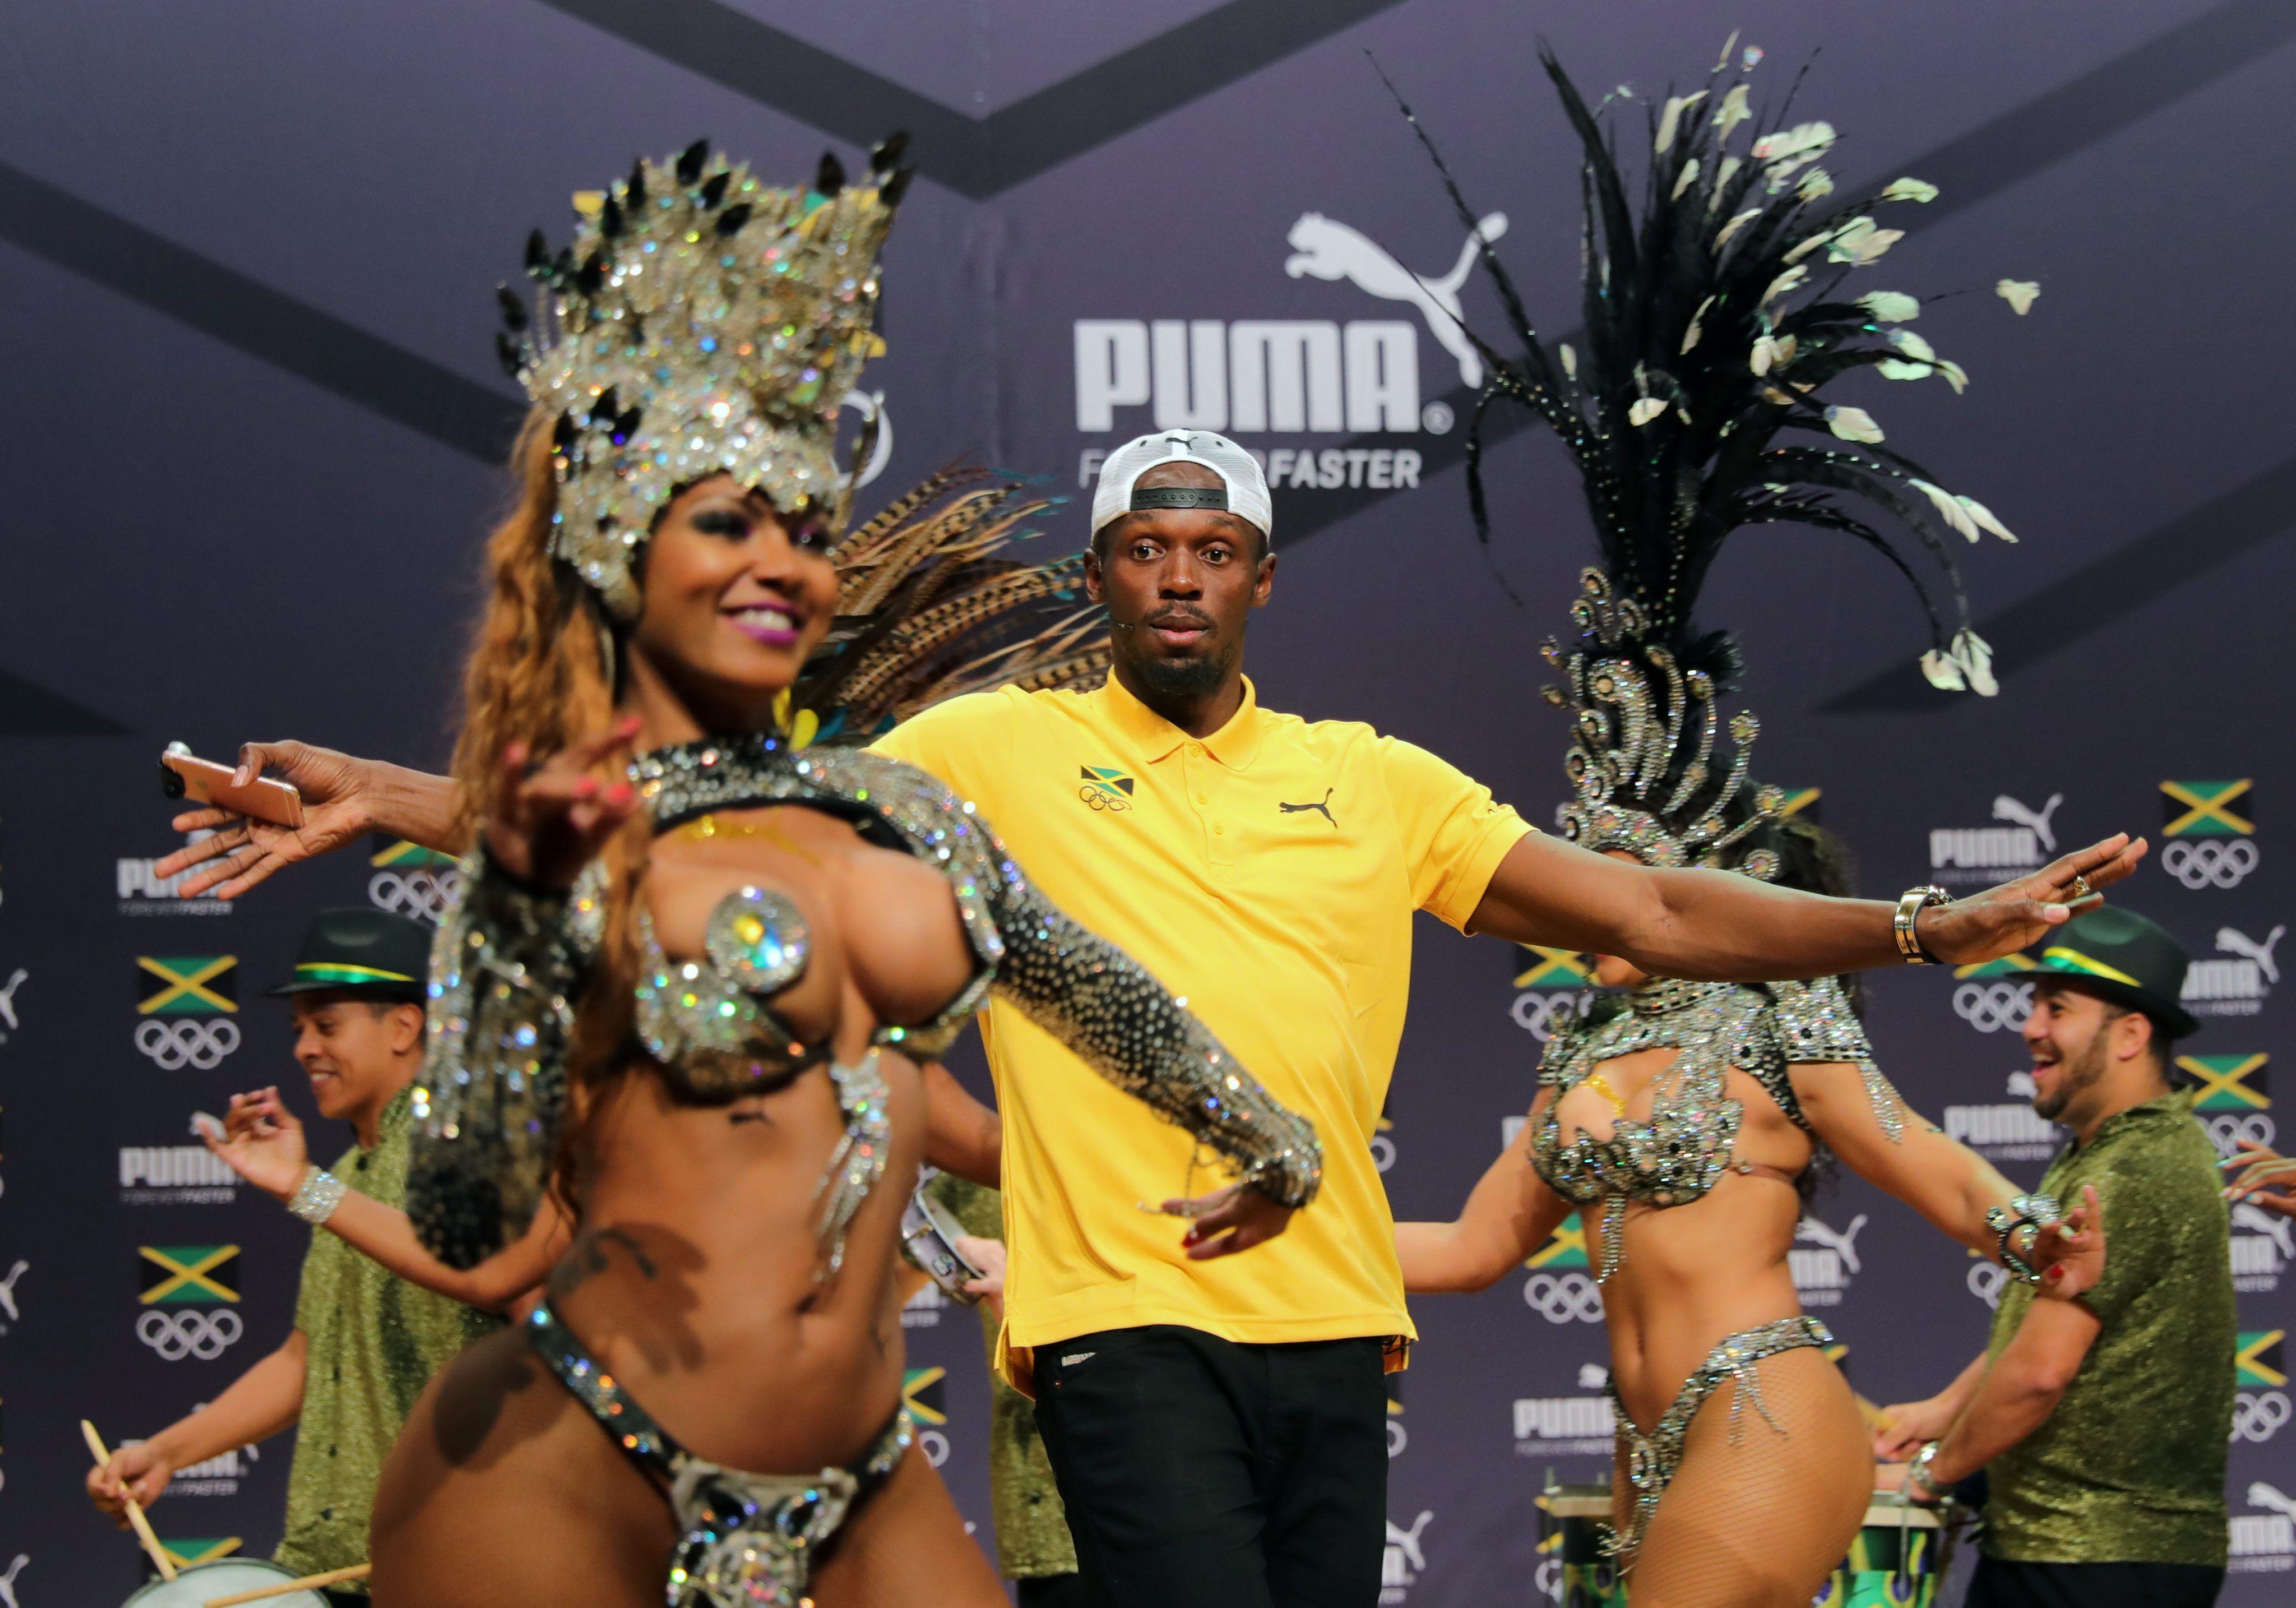 Hace lo que quiere: así se divierte Usain Bolt en Río de Janeiro